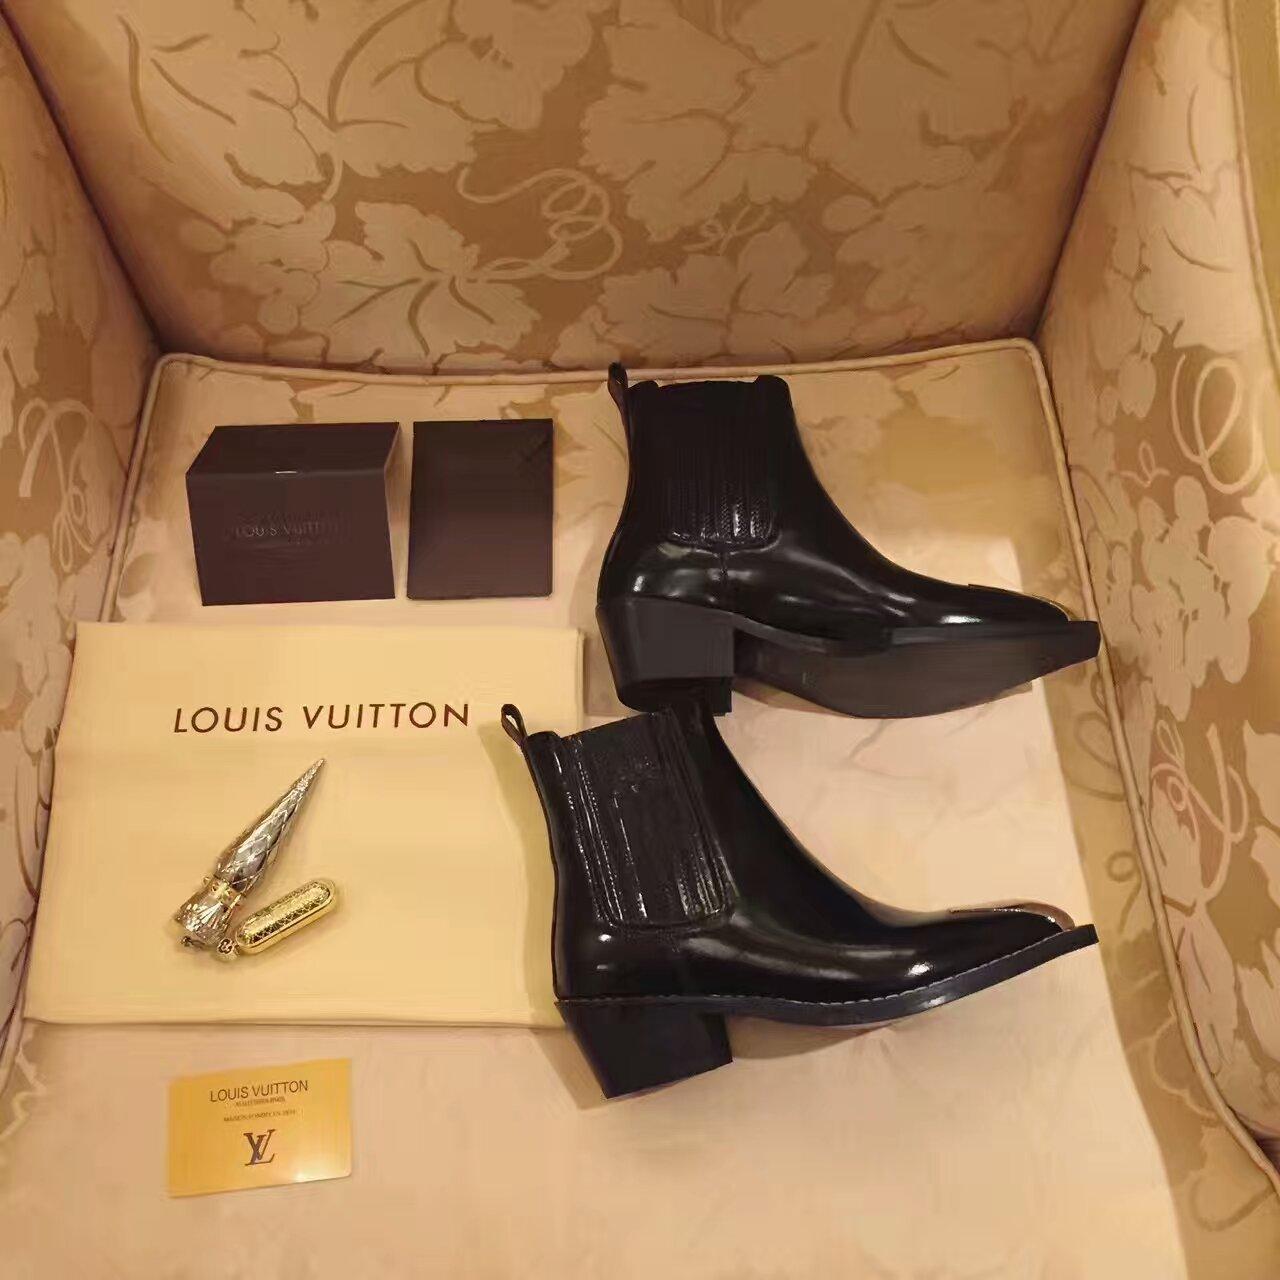 Louis Vuitton16秋冬帅气金属铁头短靴